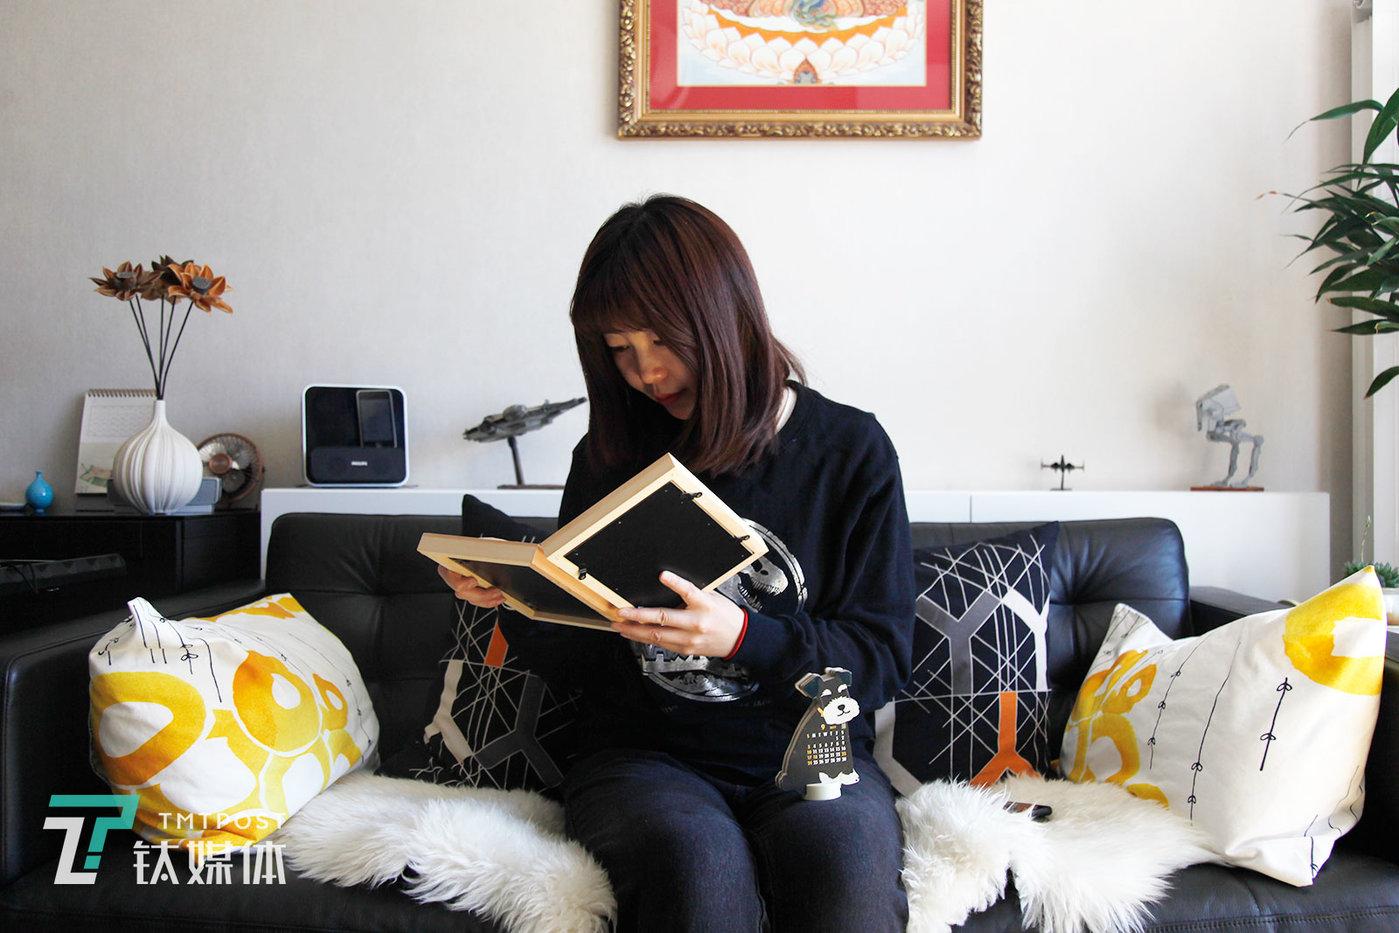 """3月23日,北京丰台,北北(化名)坐在沙发上看着爱犬纳瑞的照片。纳瑞是一条雪纳瑞犬,在北北家生活了11年。纳瑞是朋友送给北北的礼物。""""它来的时候刚一个多月,还没有毛绒玩具大,是我从怀里揣着带回来的。"""""""